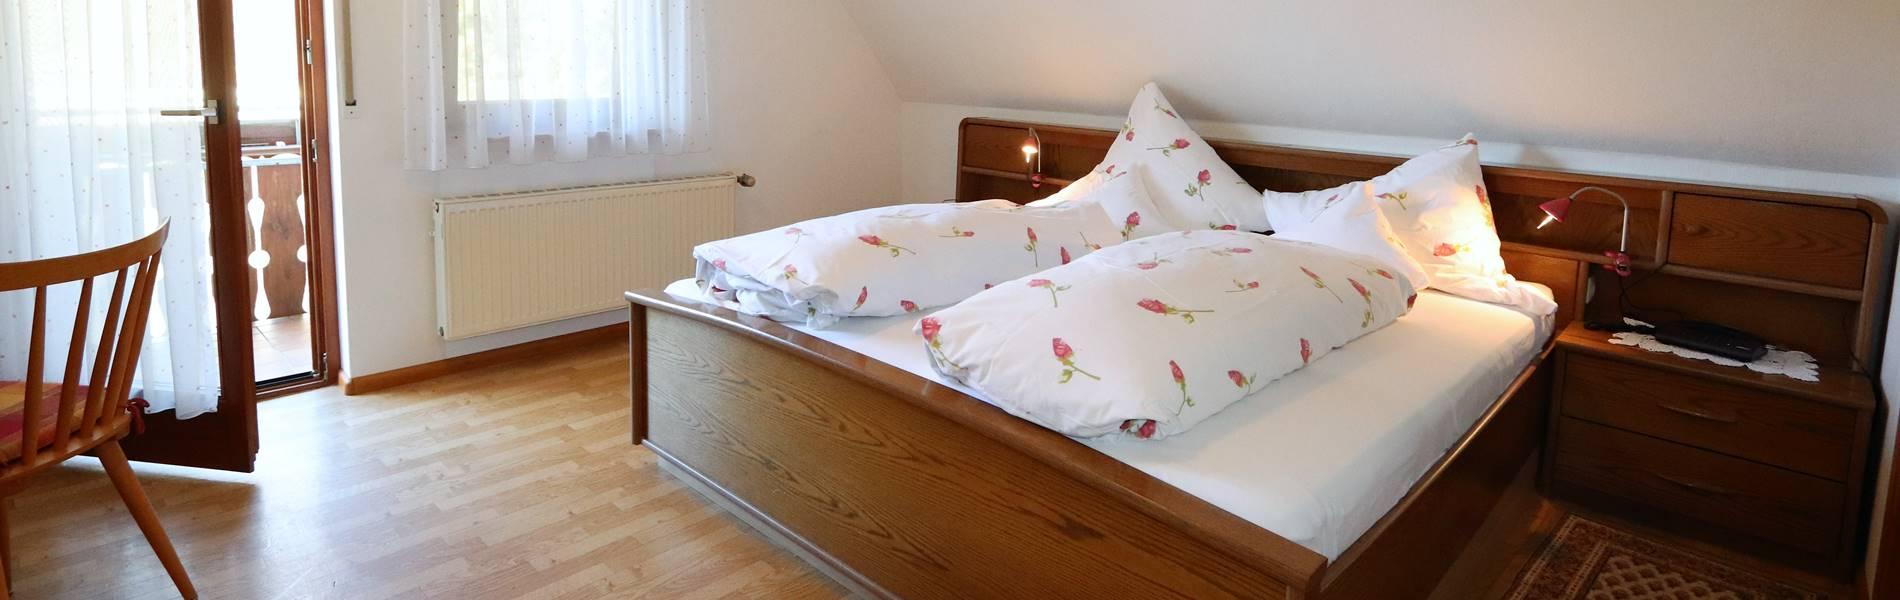 Doppelzimmer Ferienwohnung Buchfink